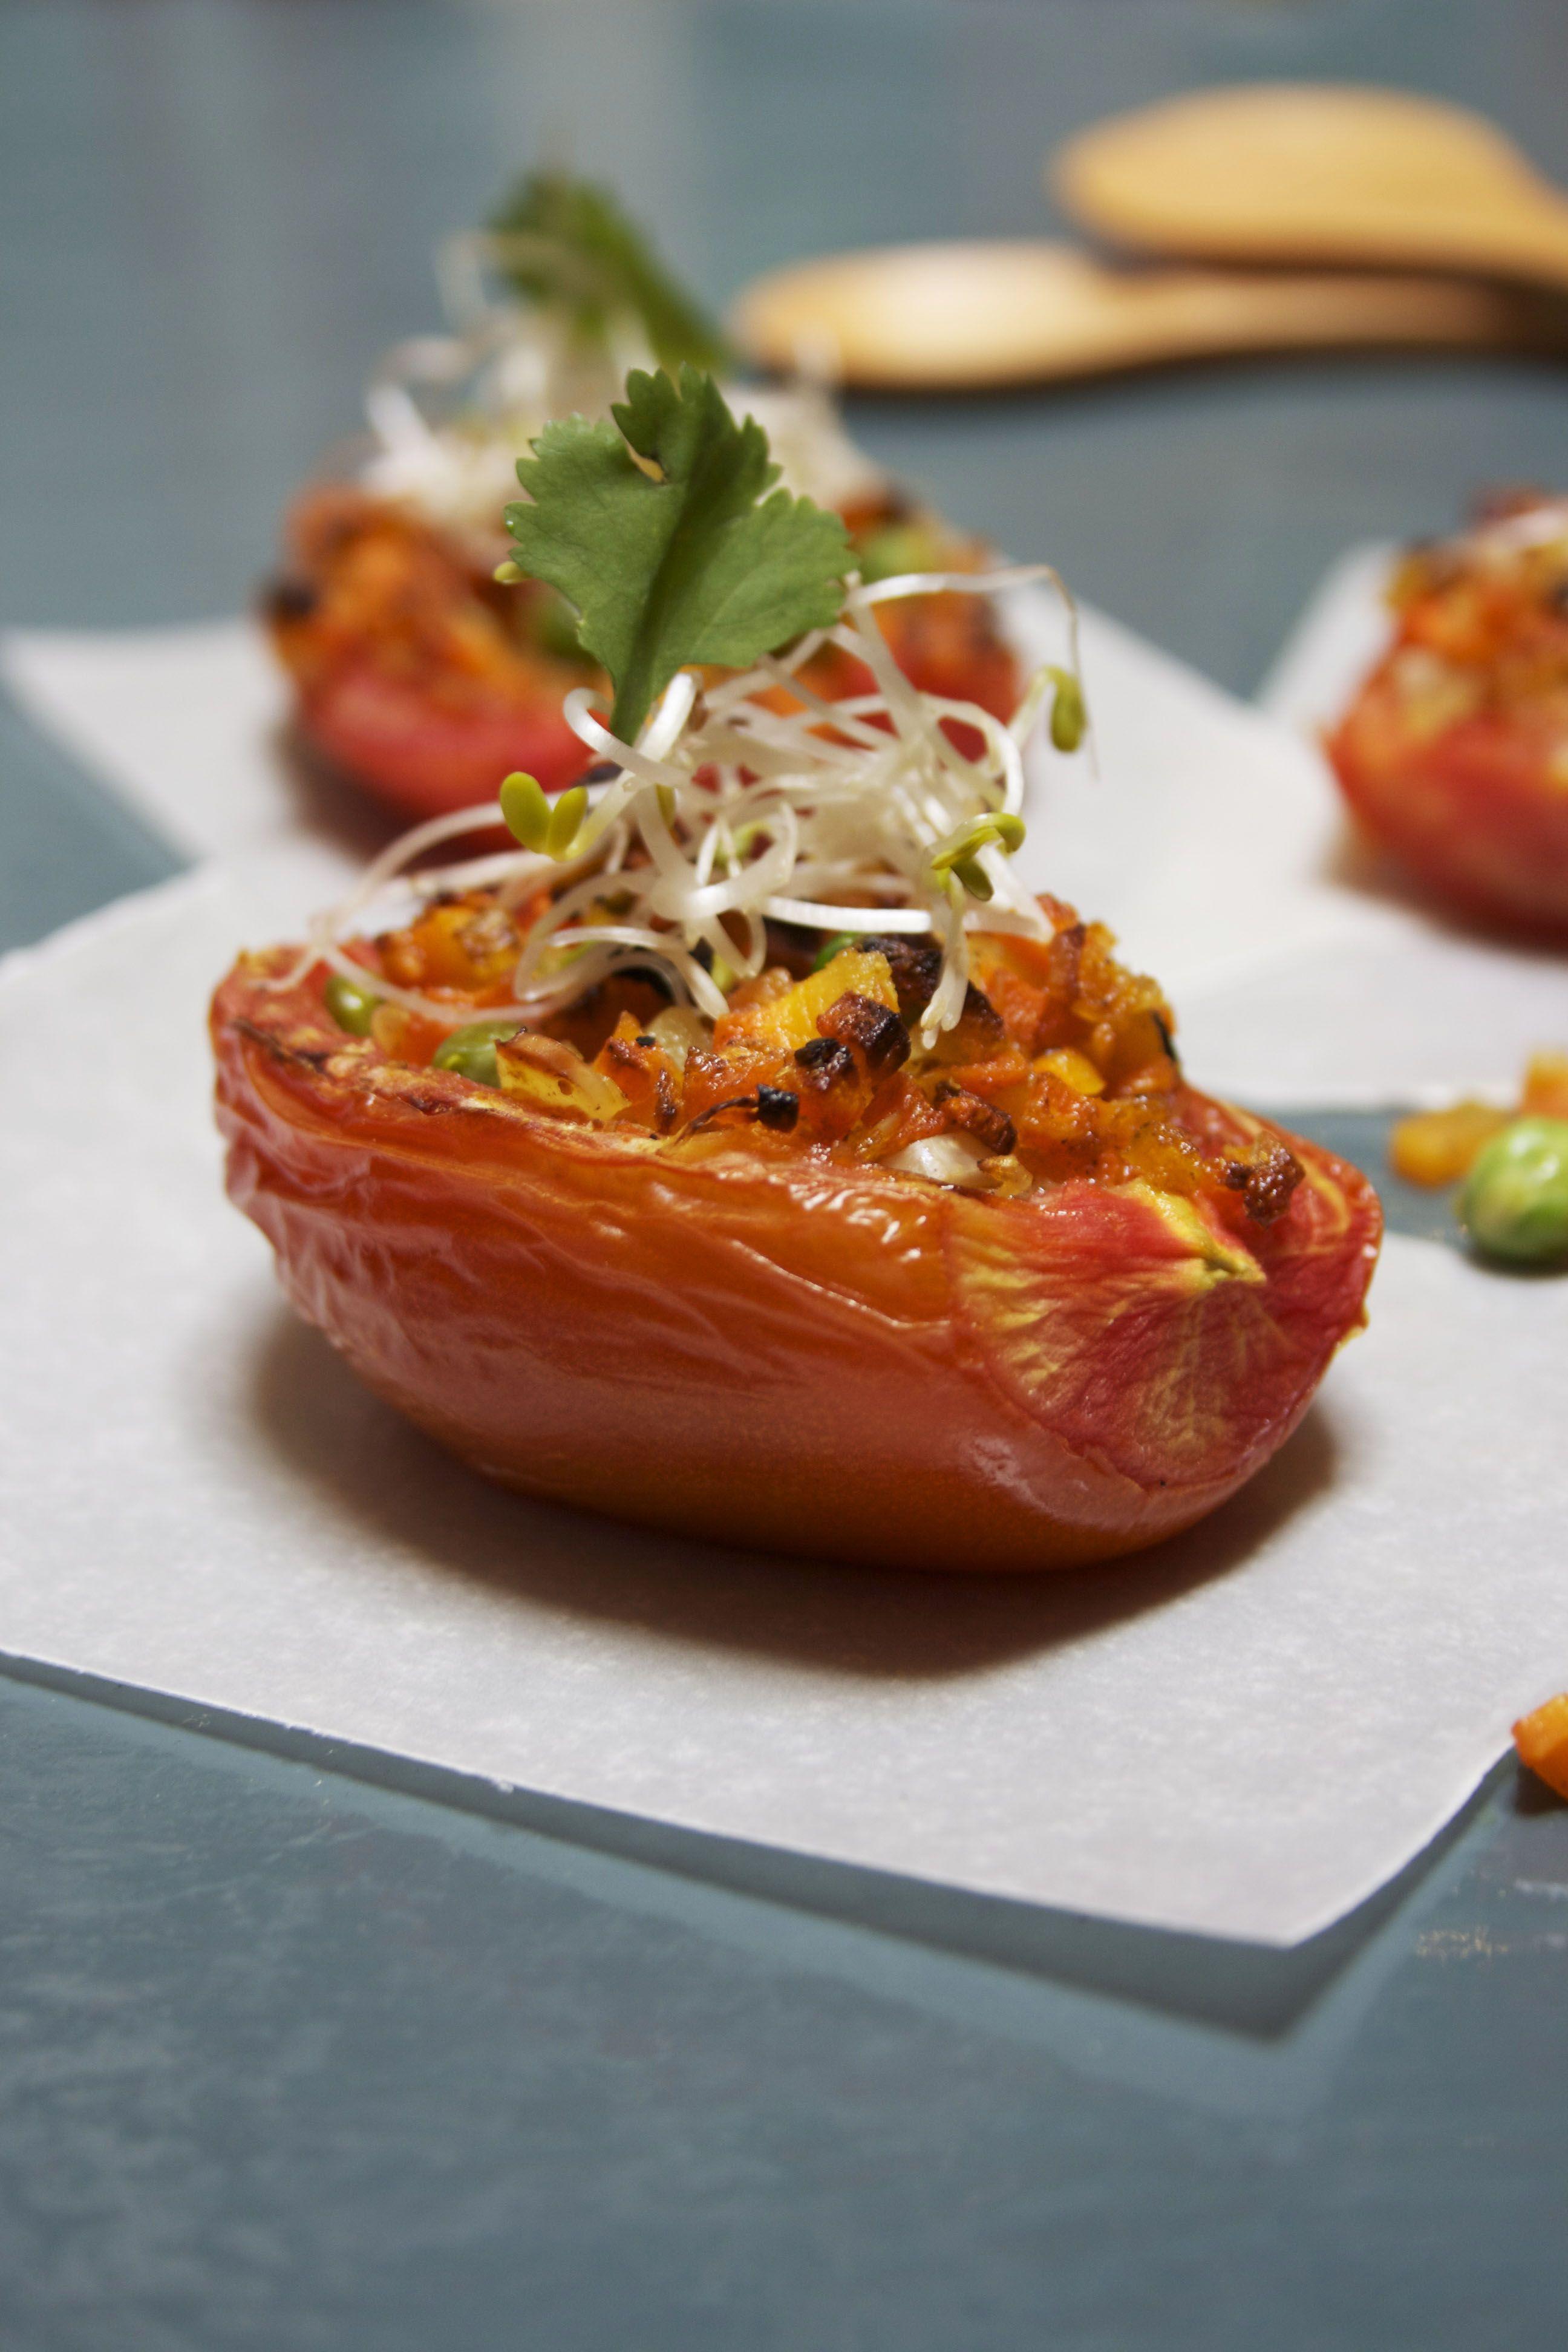 Jitomates rellenos la receta la encuentras en www.gastrosofia.net